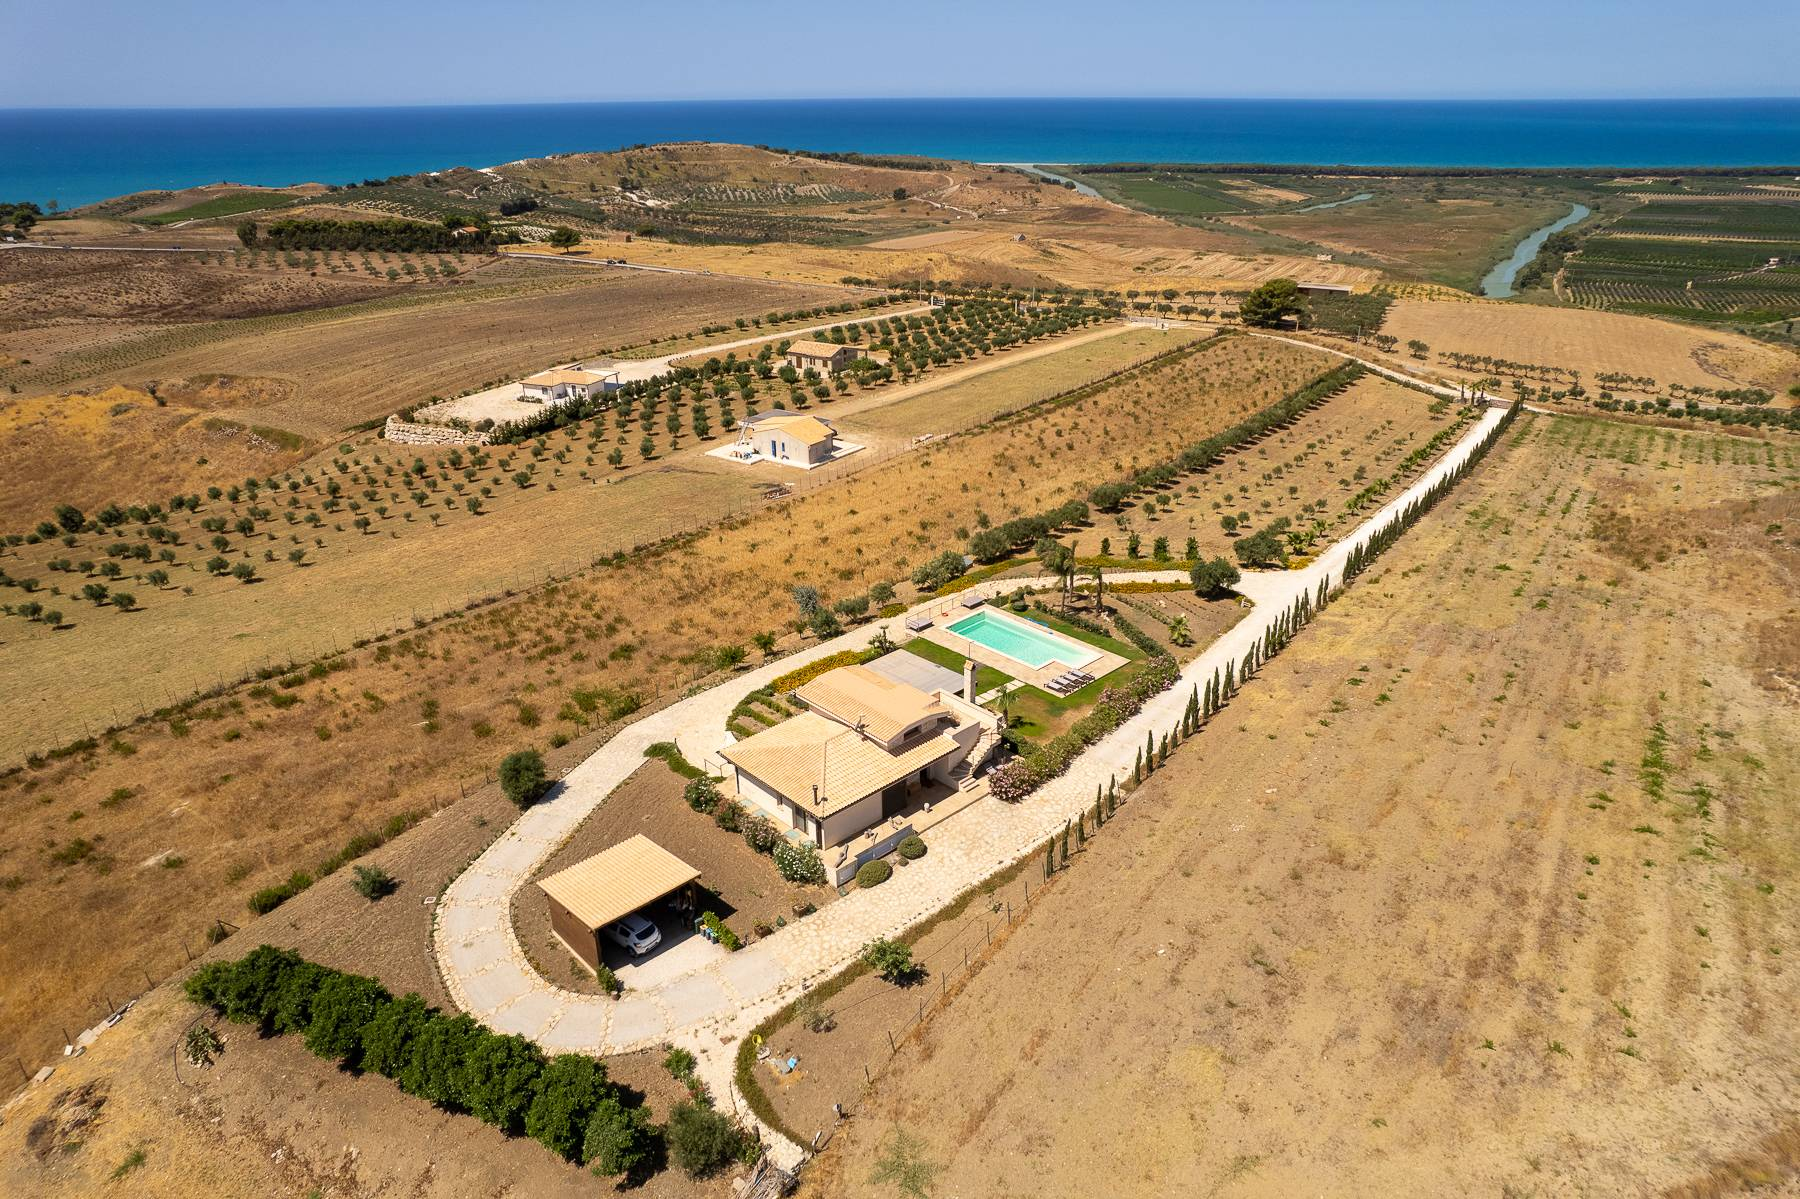 Villa esclusiva con panorama suggestivo sul mare Mediterraneo - 4